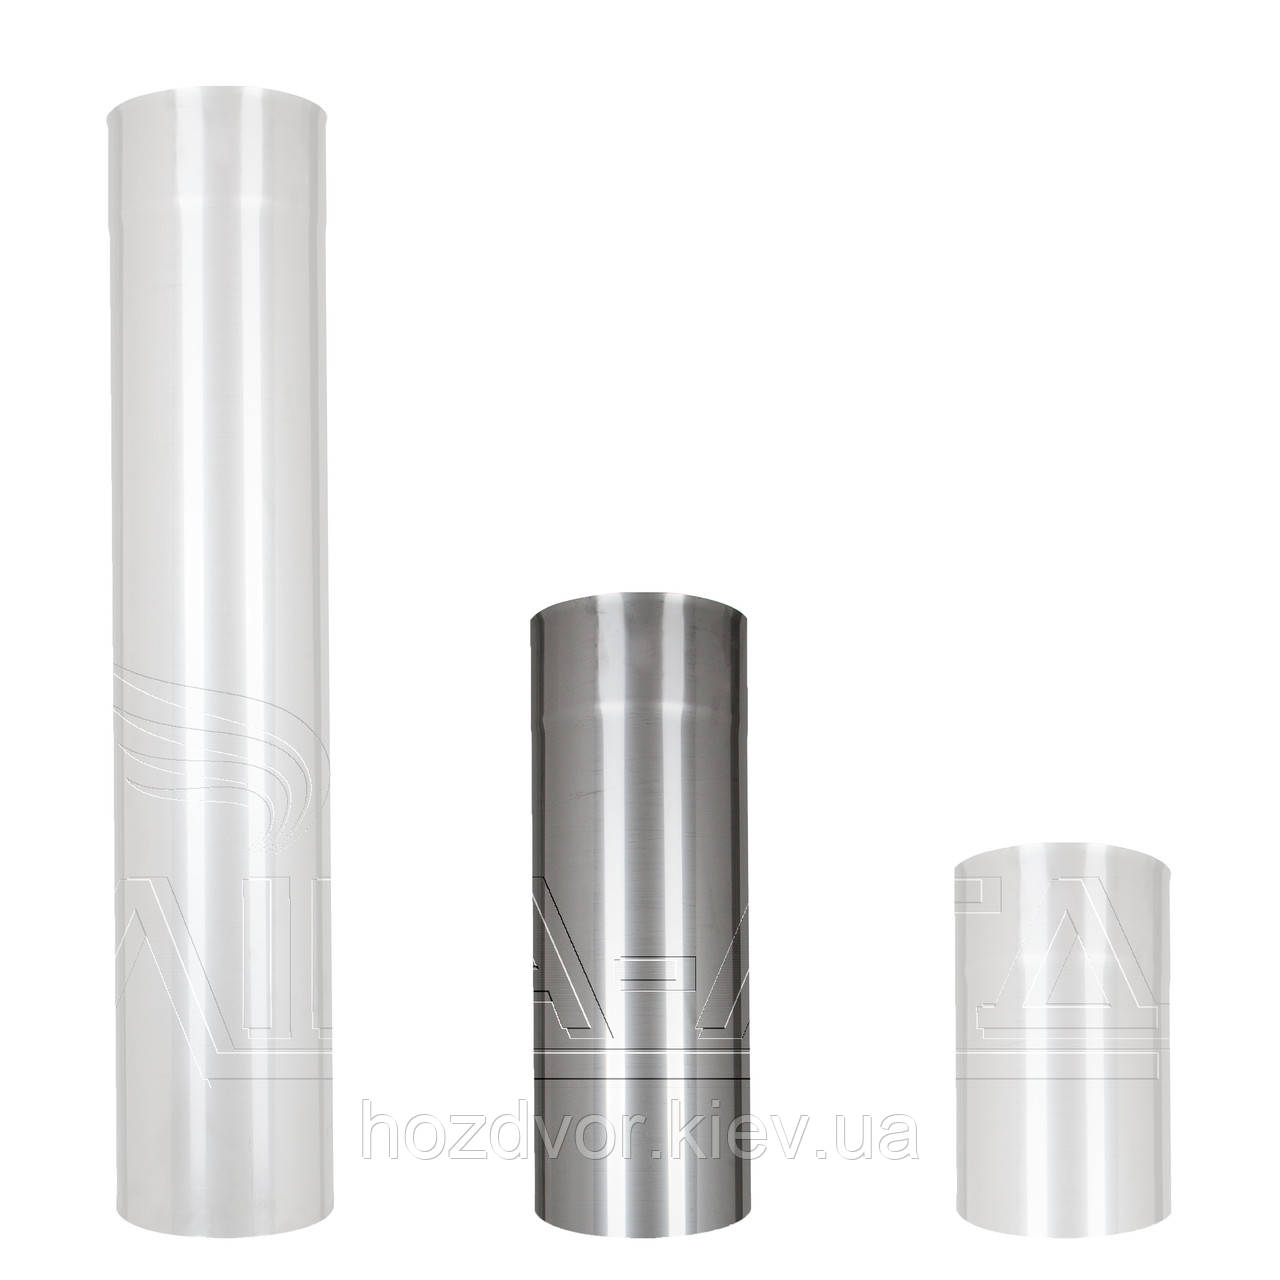 Труба для дымохода ф160  500 мм.